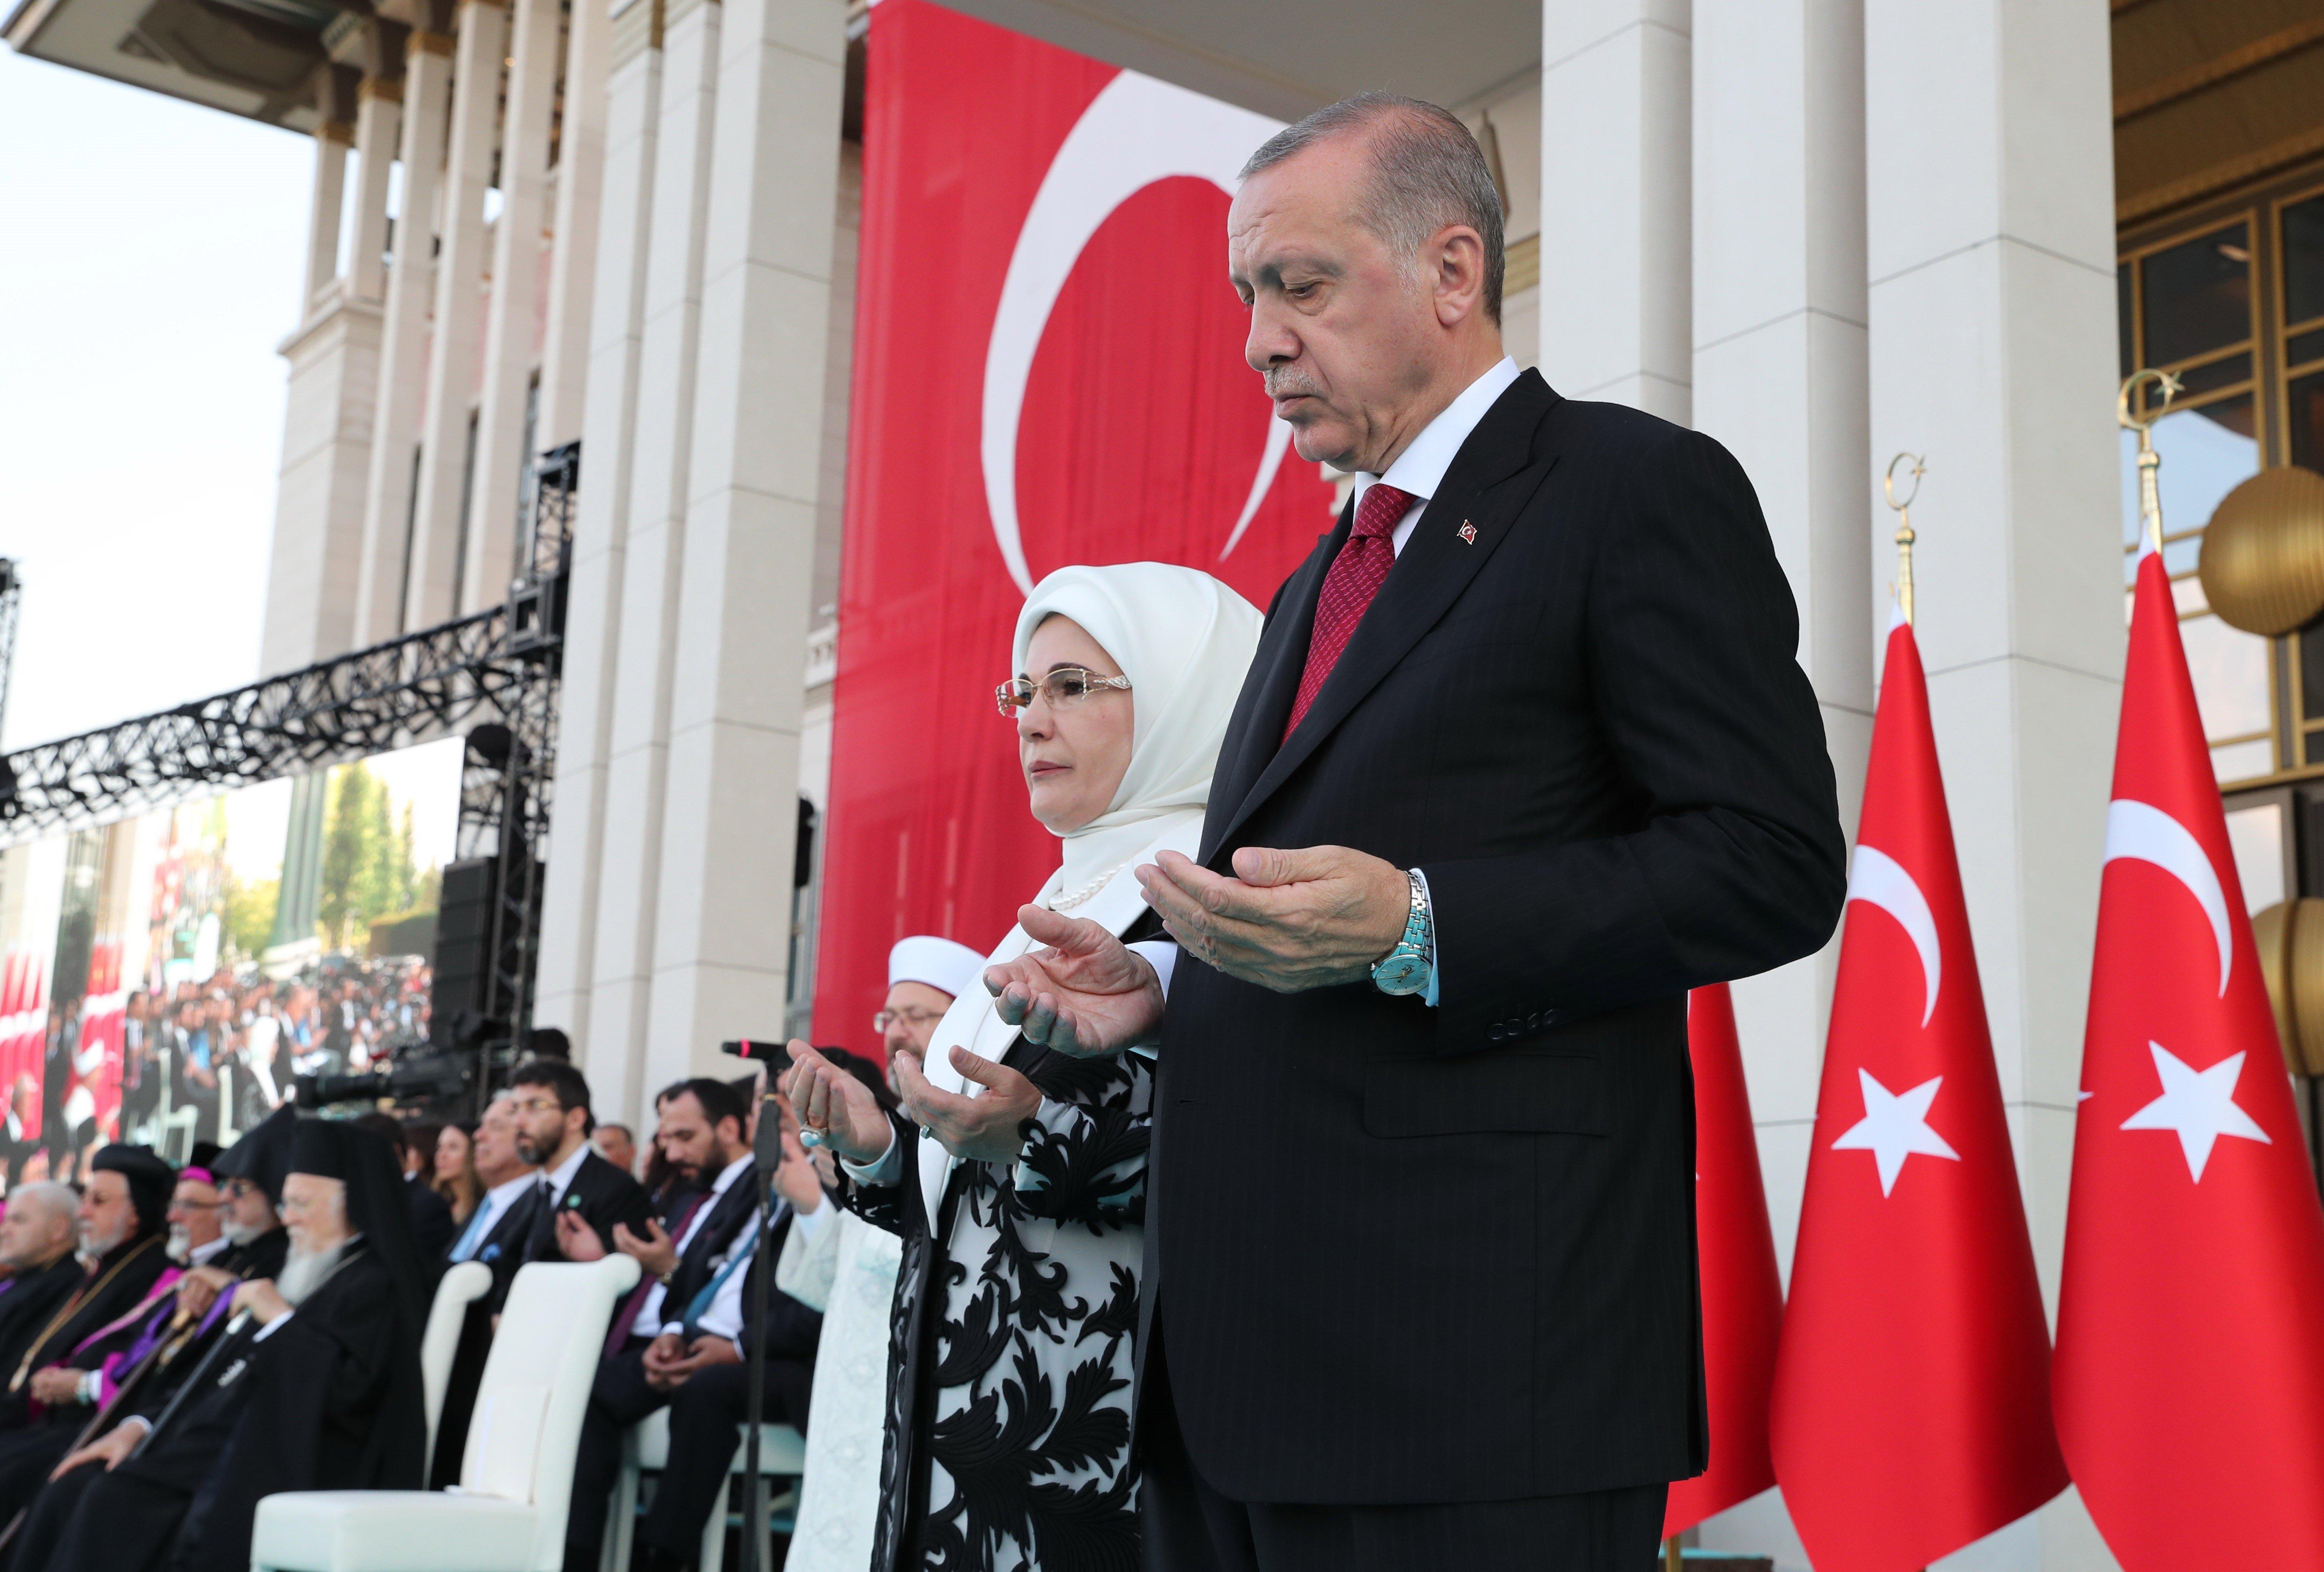 Δυο χρόνια μετά το πραξικόπημα η Τουρκία παραμένει σε κατάσταση έκτακτης ανάγκης